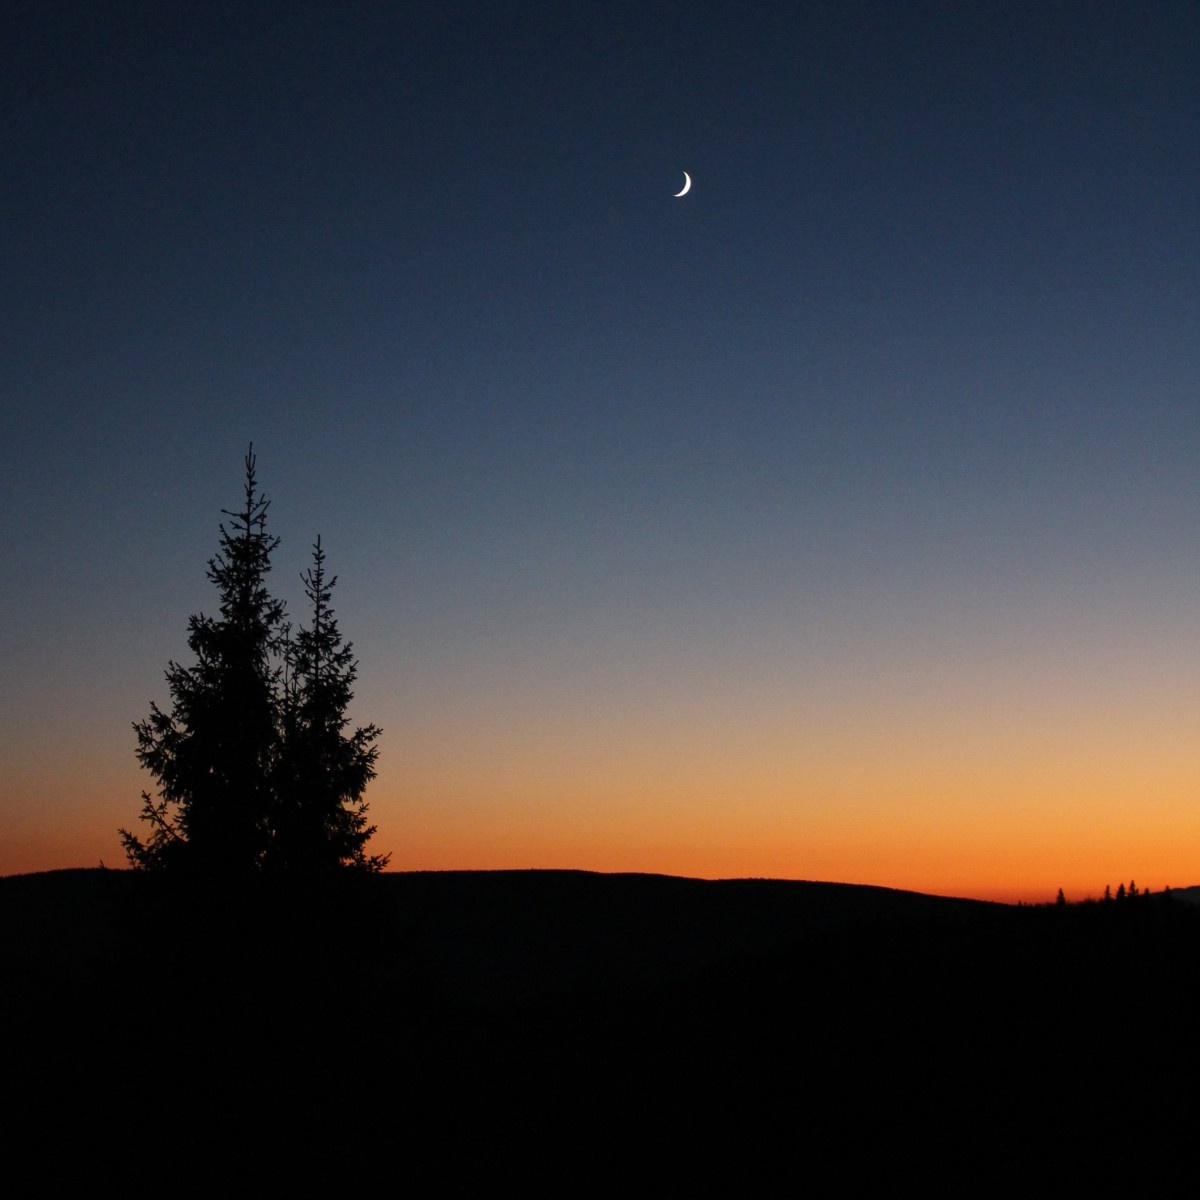 Večer na Kráľovej studni. Canon EOS 100D, objektiv EF-S 18-55, 1/40 s, F4.0, ISO 1600, ohnisko (EQ35) 46 mm. Vyfoceno 27. října v 17.04.jpg